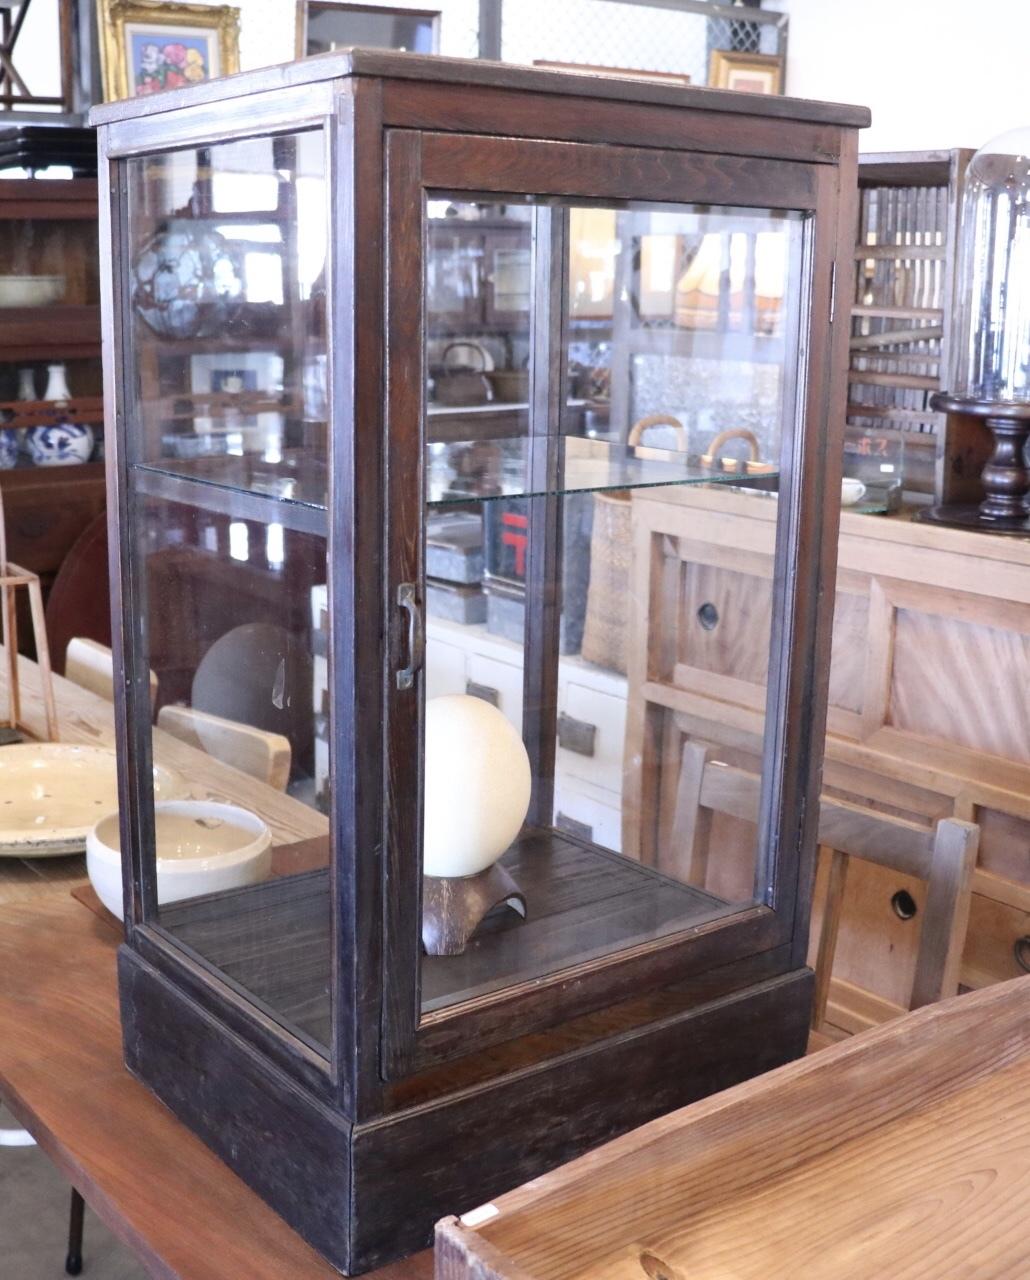 徳島の骨董買取店コユメヤです。古いもの古道具アンティーク無料出張買取!_d0172694_20254985.jpeg